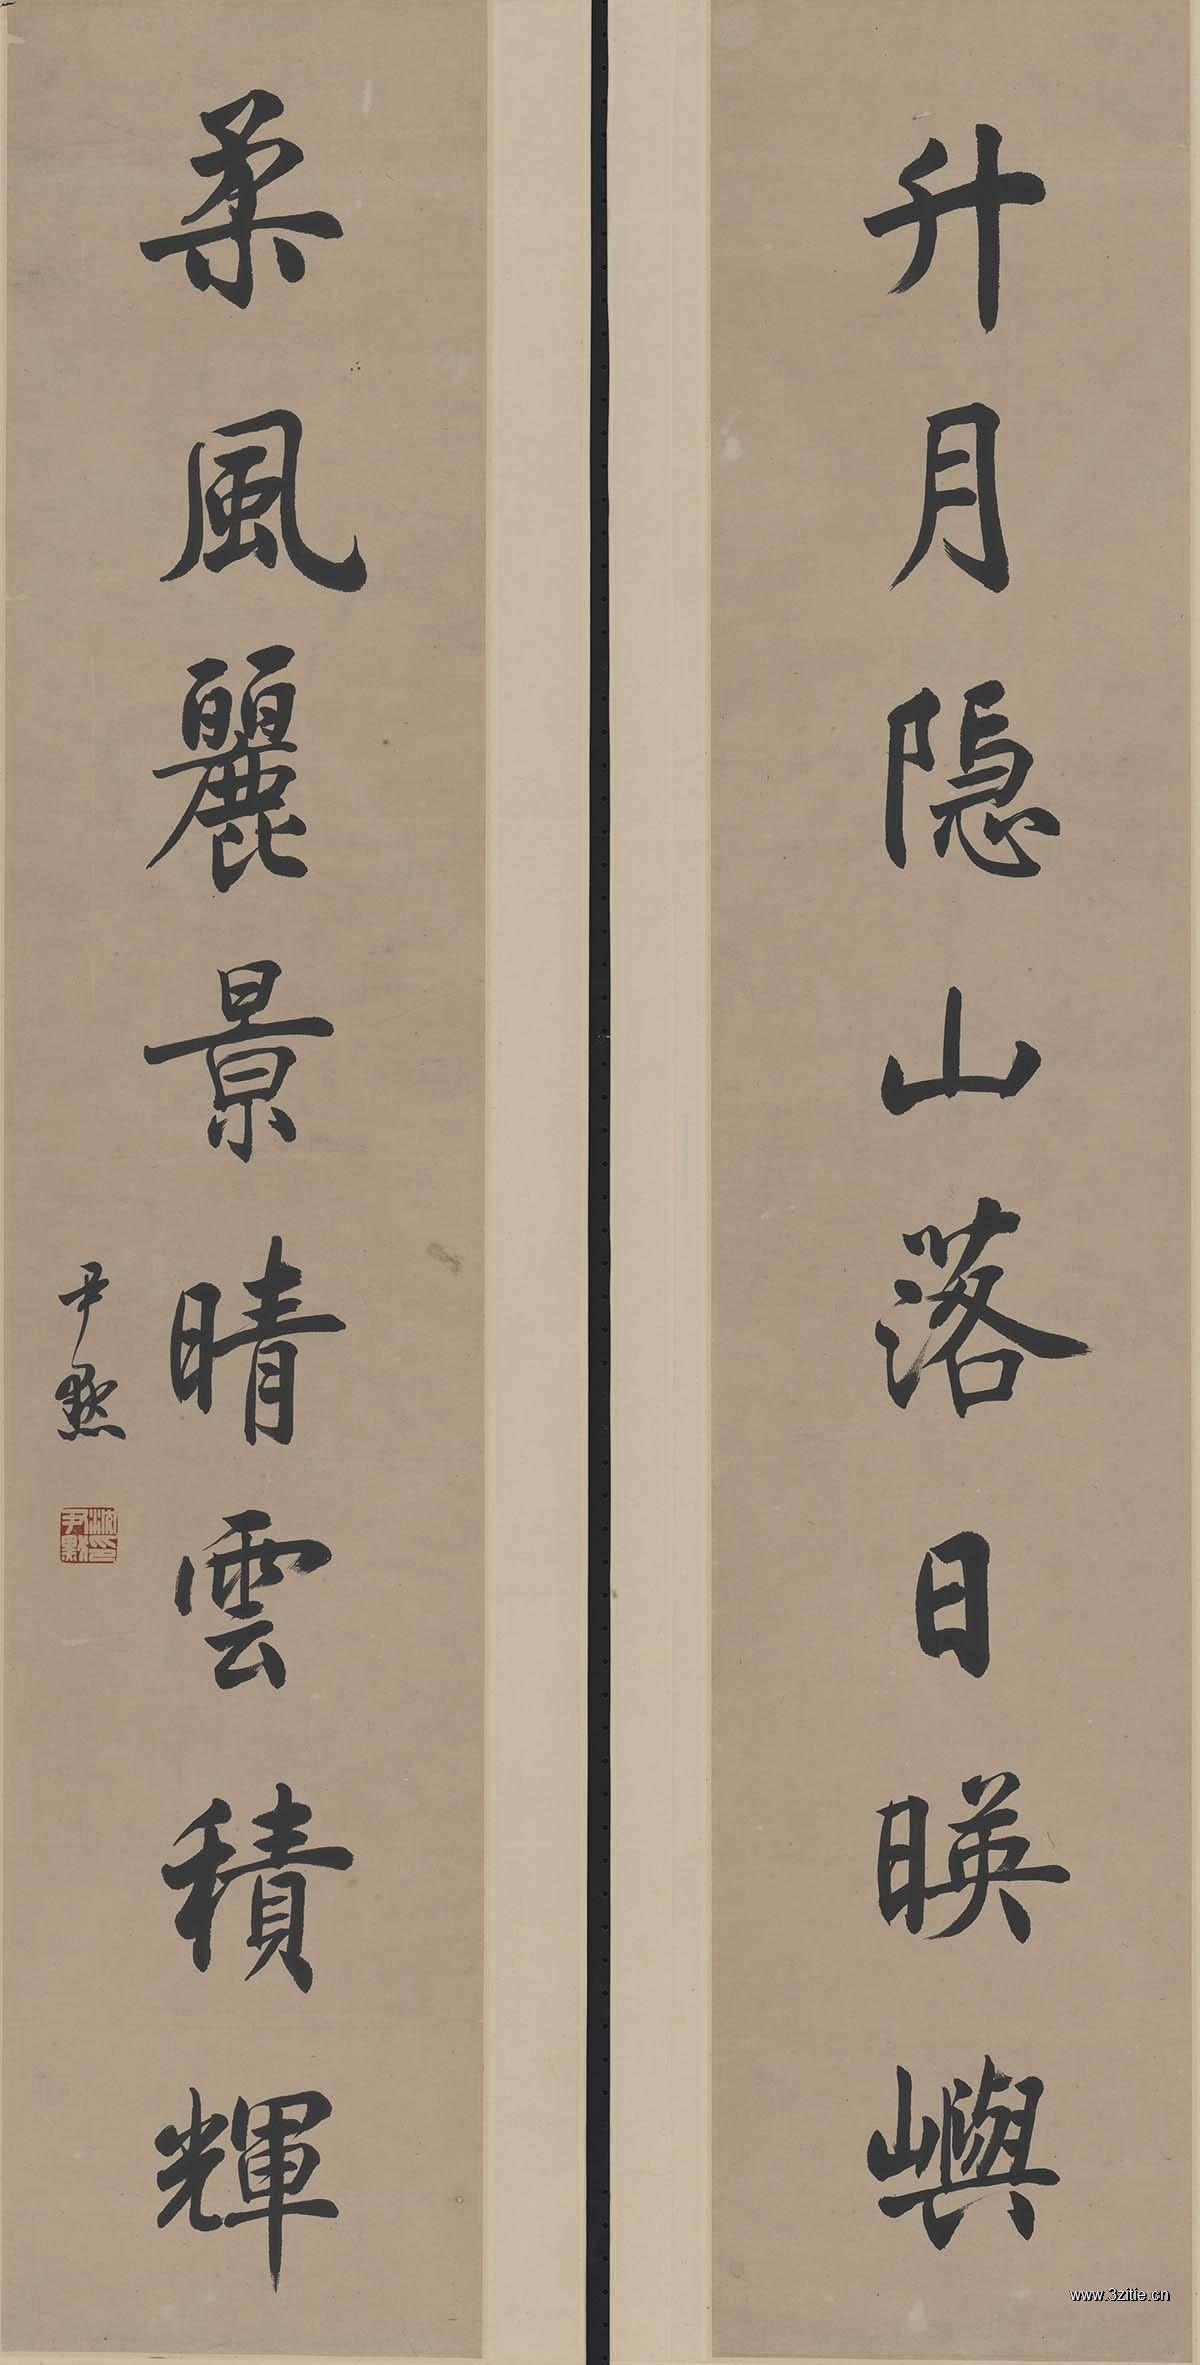 144沈尹默-书法对联(八言联)100X21